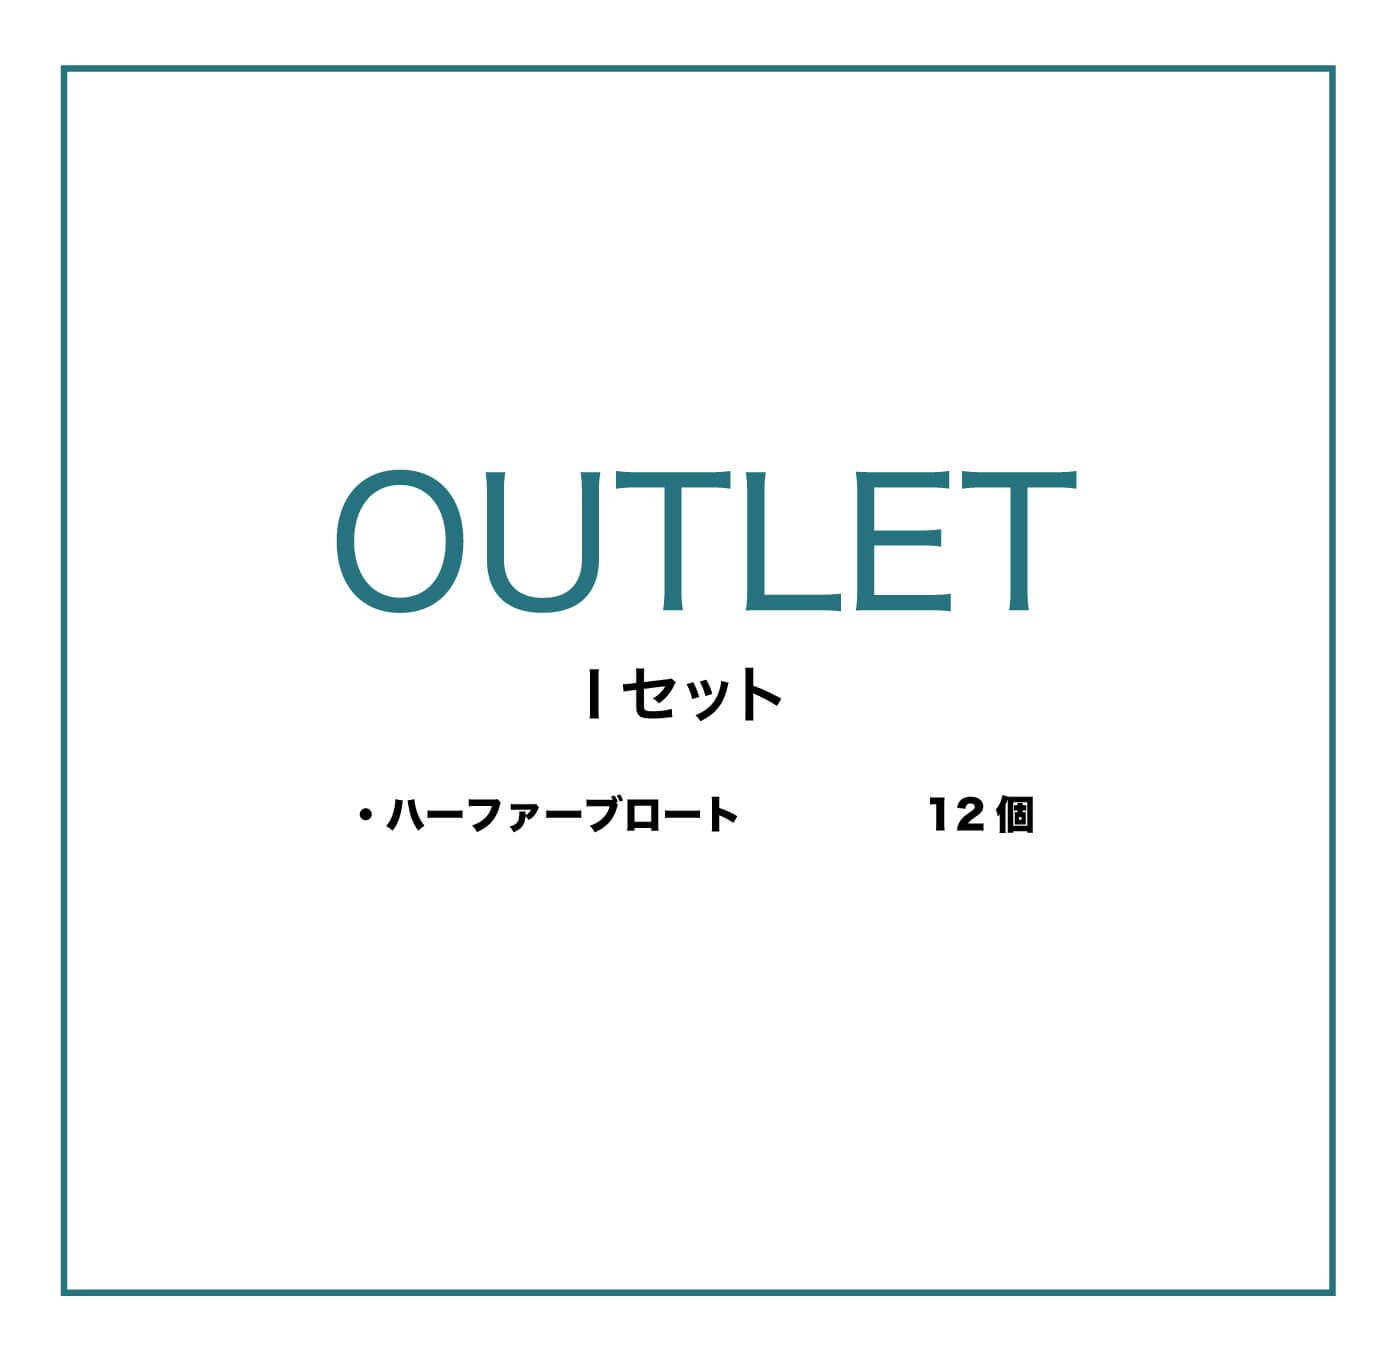 OUTLET_I